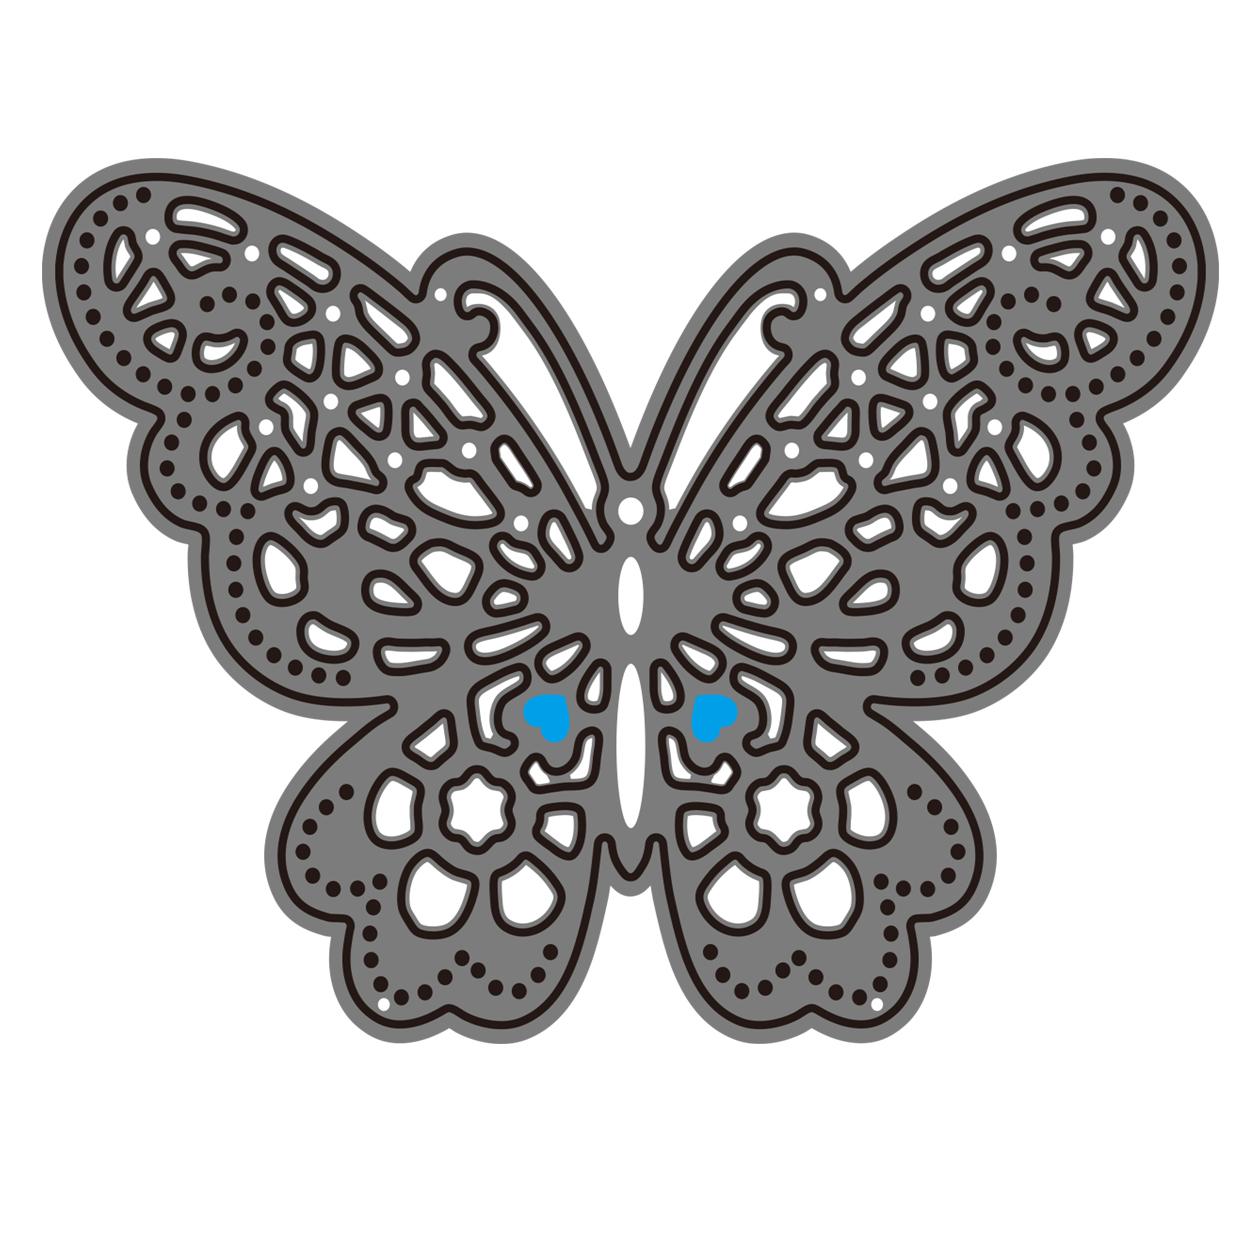 【418】/ワンダーハウス/ダイ(抜型)/蝶々 蝶 ちょうちょう